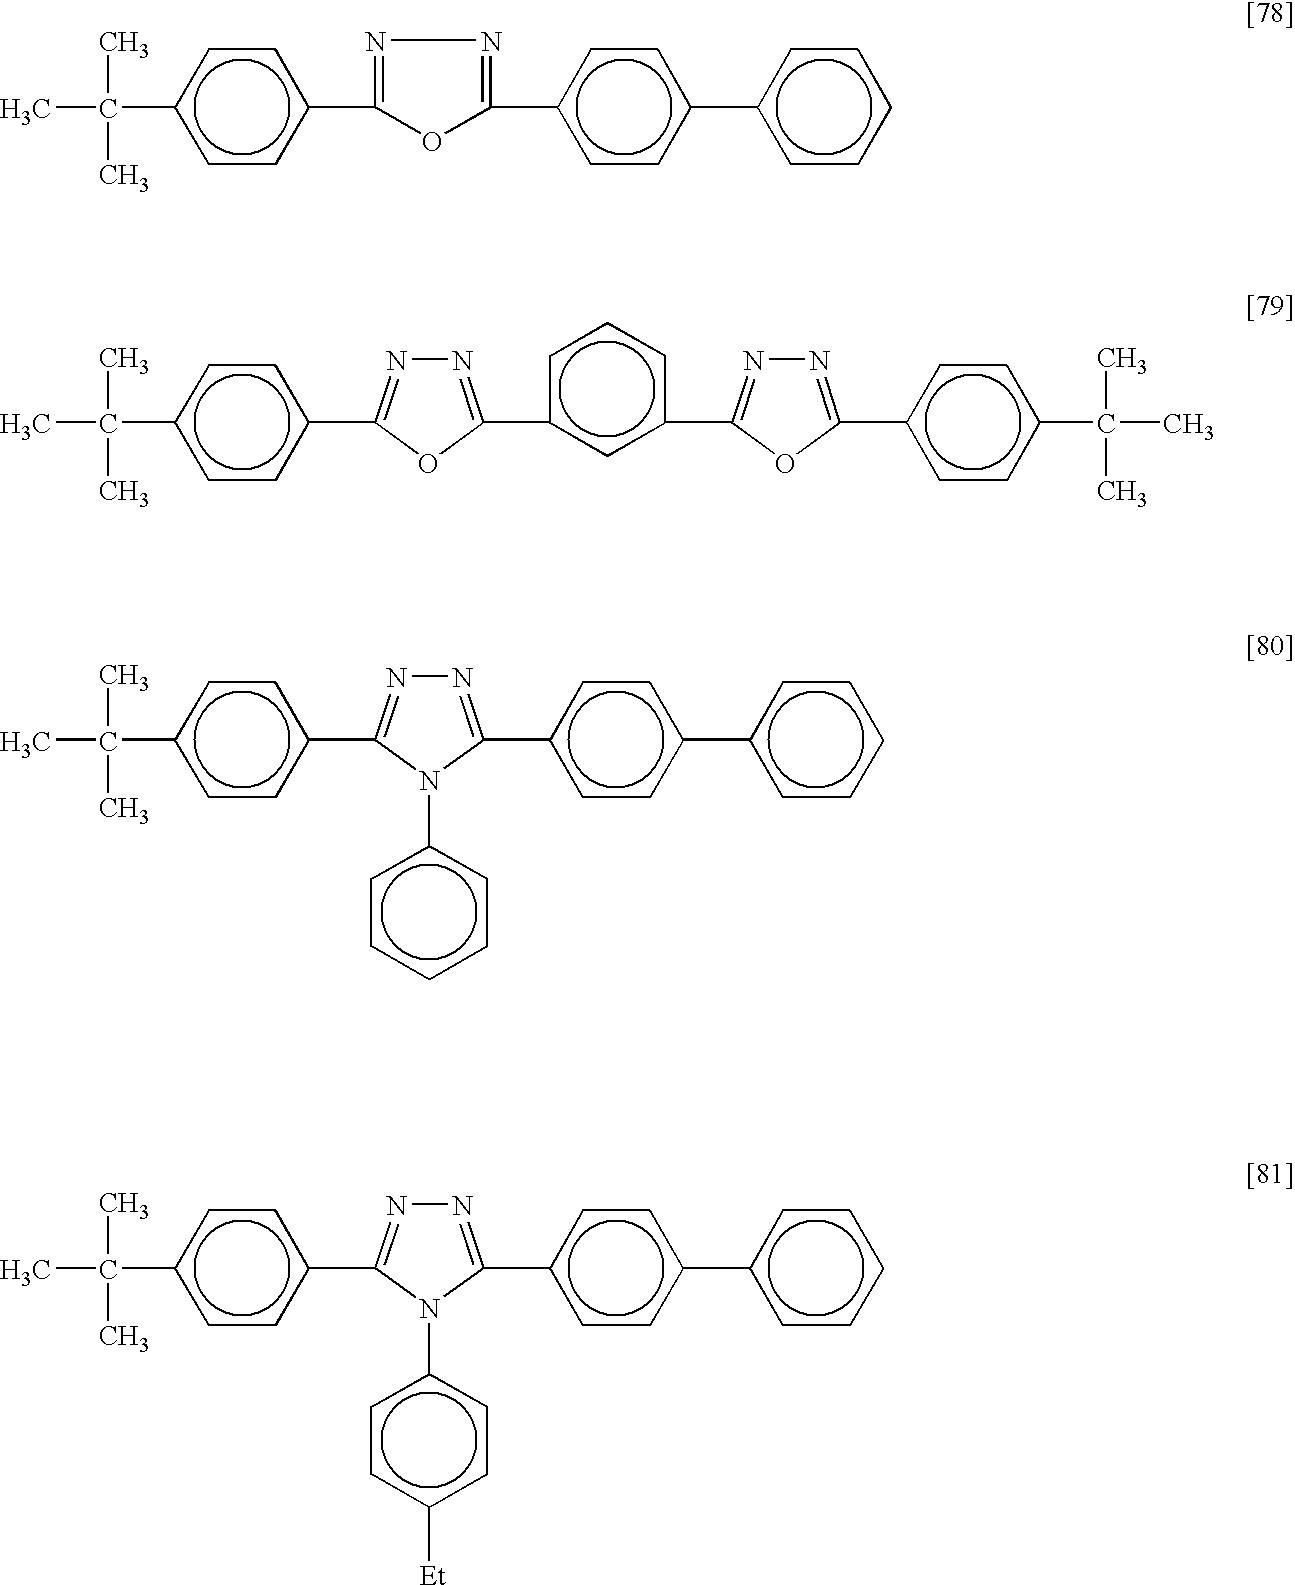 Figure US08349472-20130108-C00022